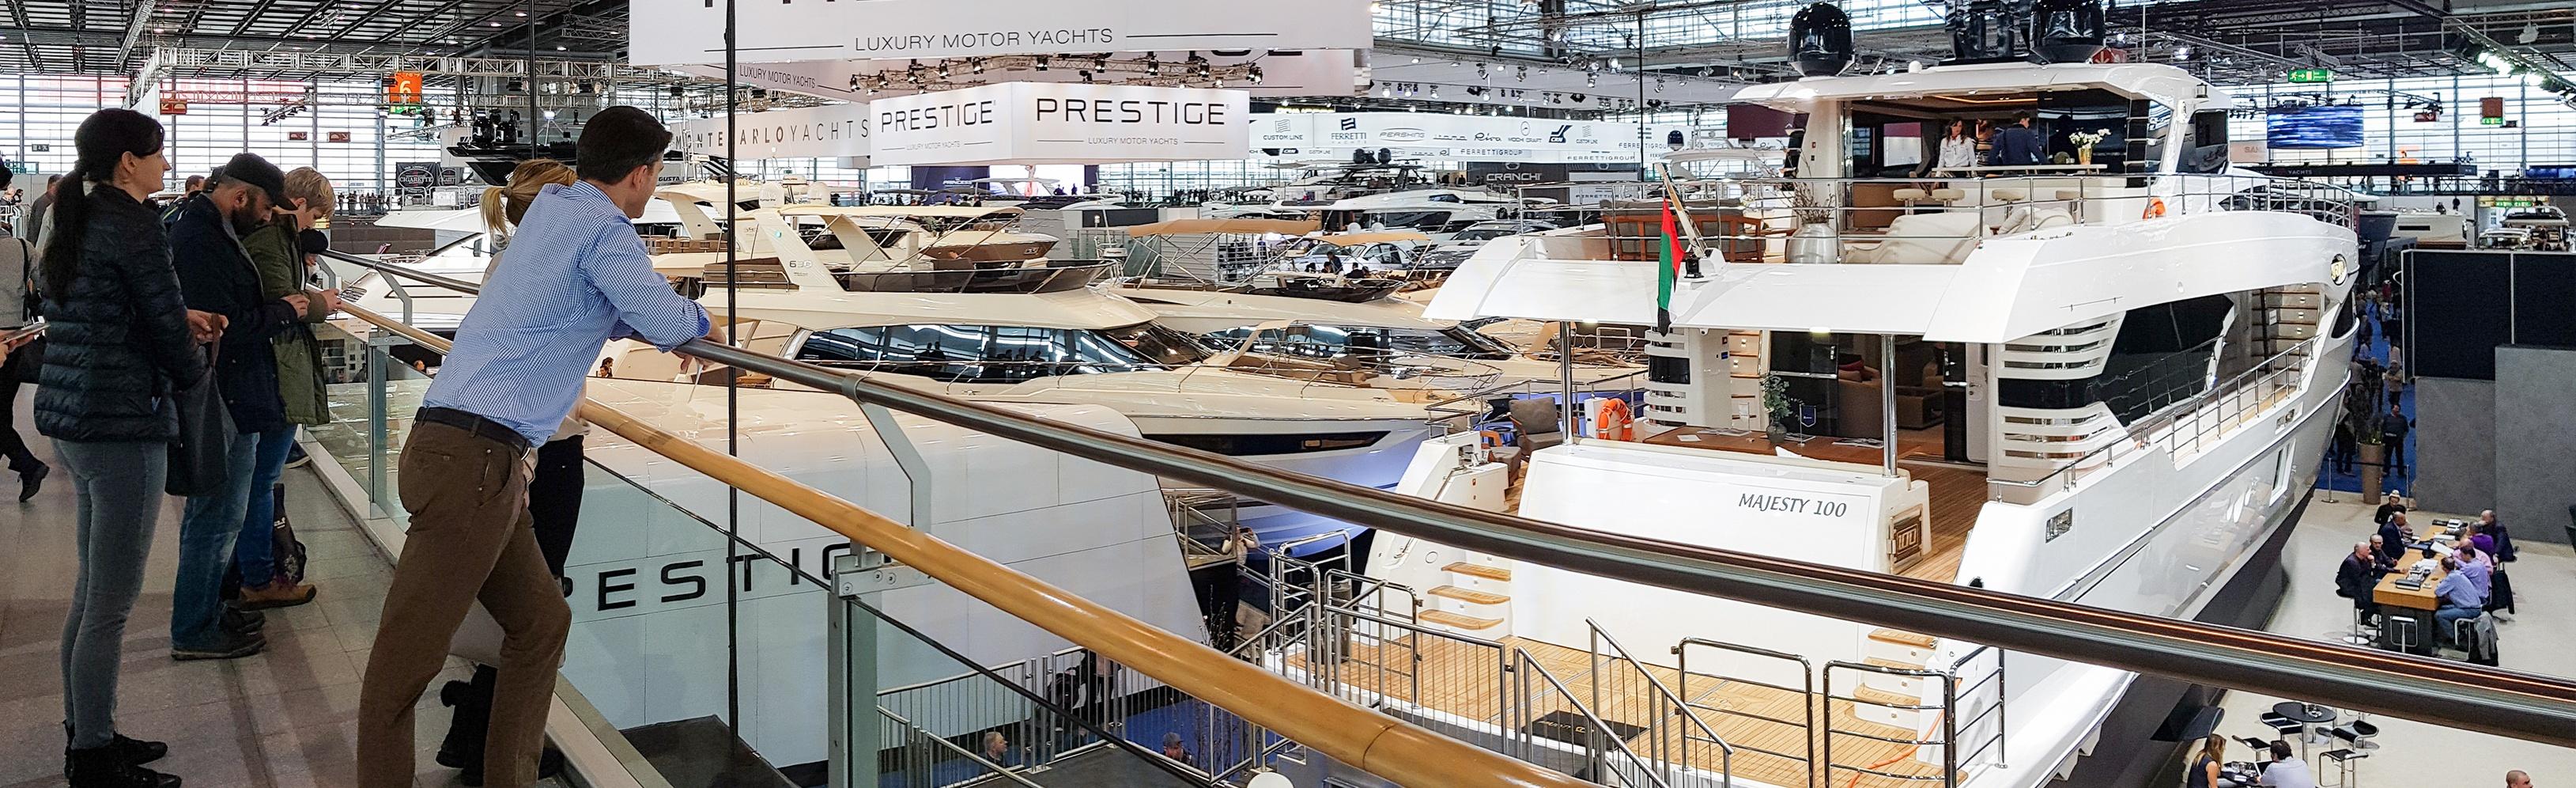 Majesty-100,-Dusseldorf-Boat-Show-8